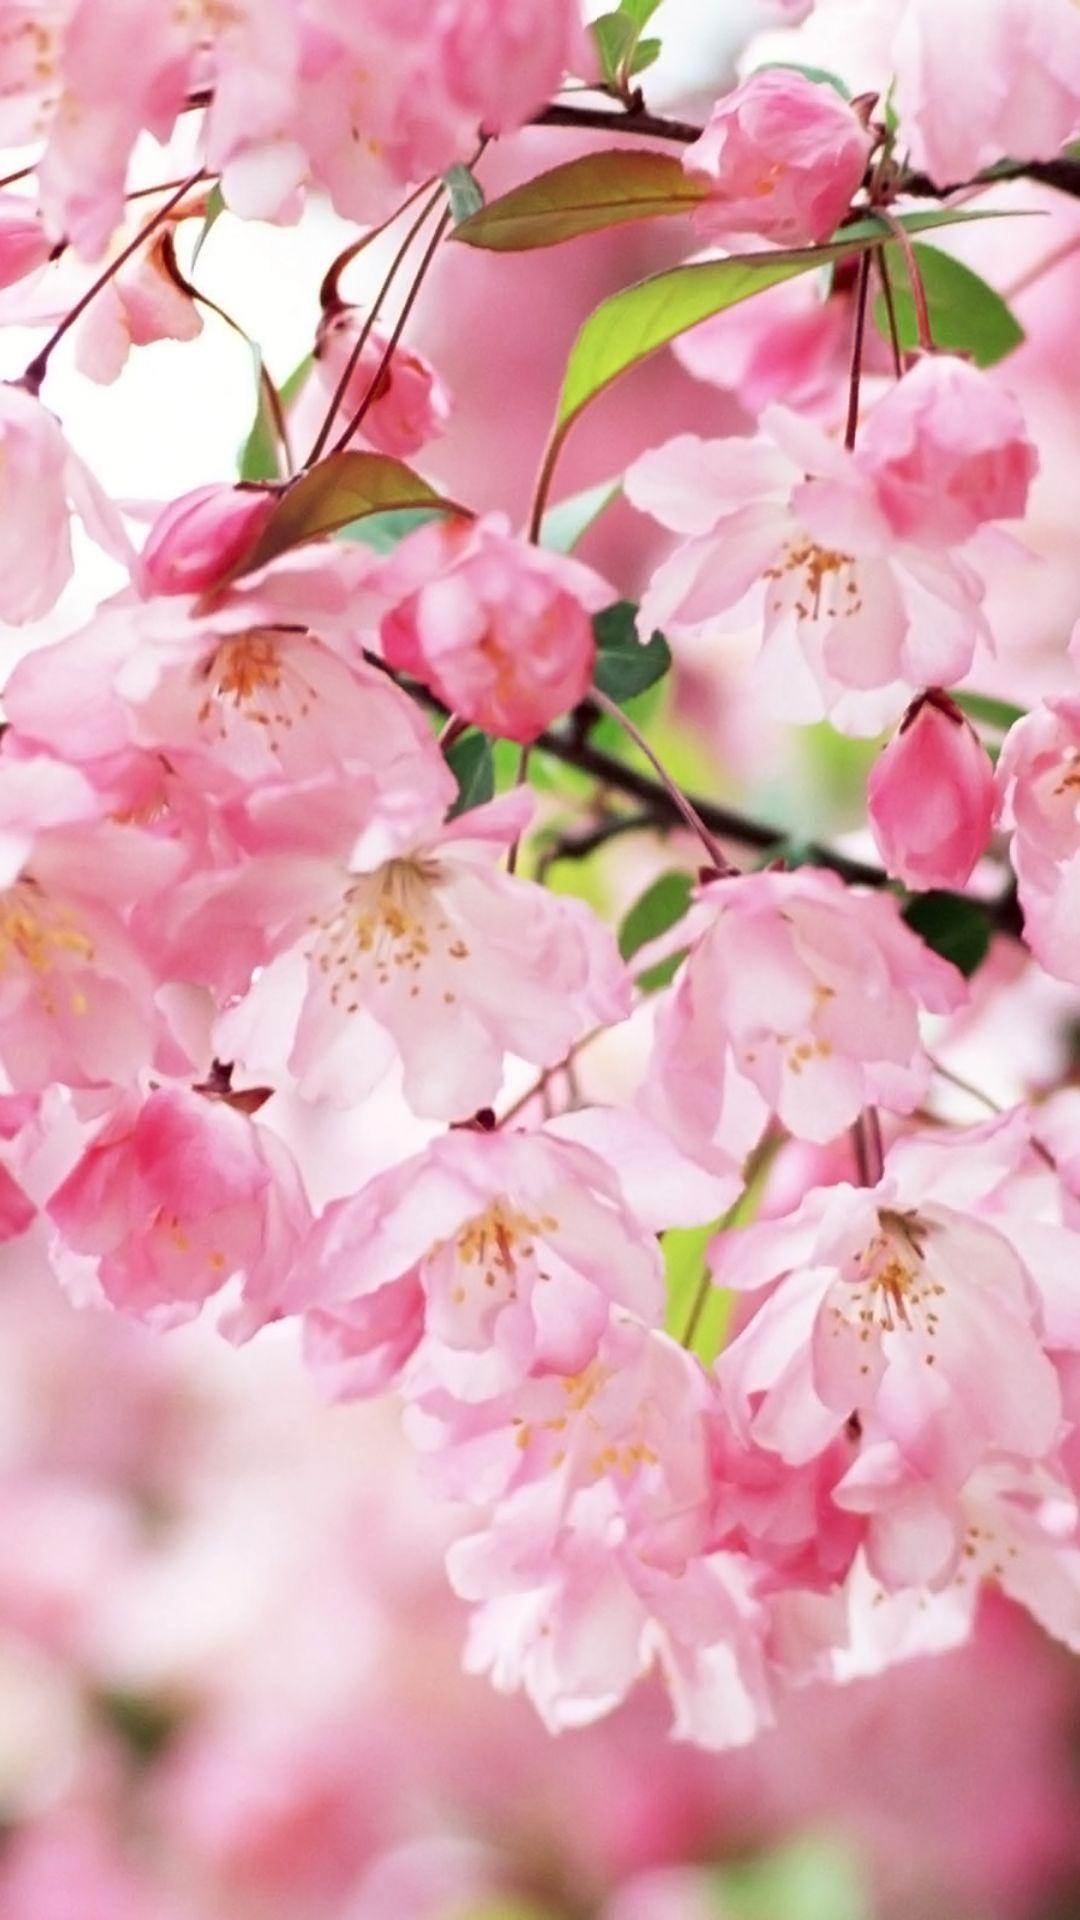 Desktop Wallpaper Flowers High Resolution The Photos Club High Resolution